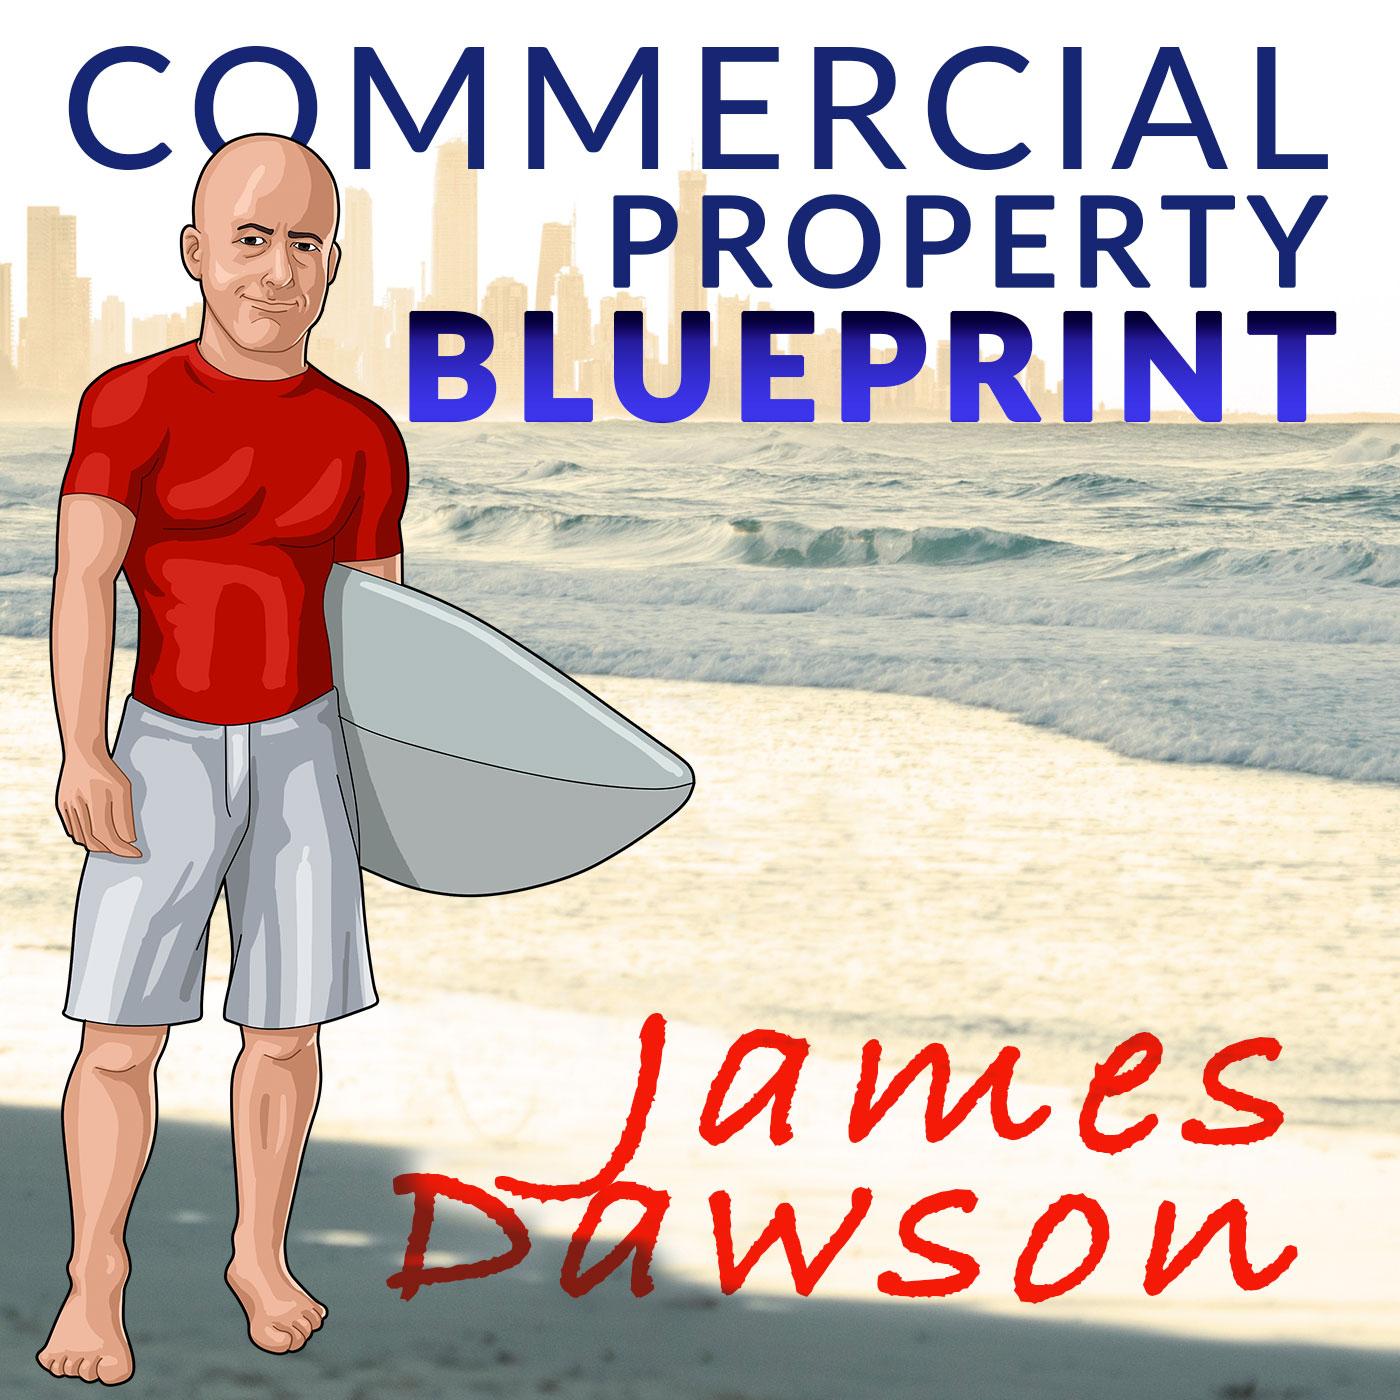 Commercial property cashflow blueprint ozpodcasts commercial property cashflow blueprint malvernweather Images